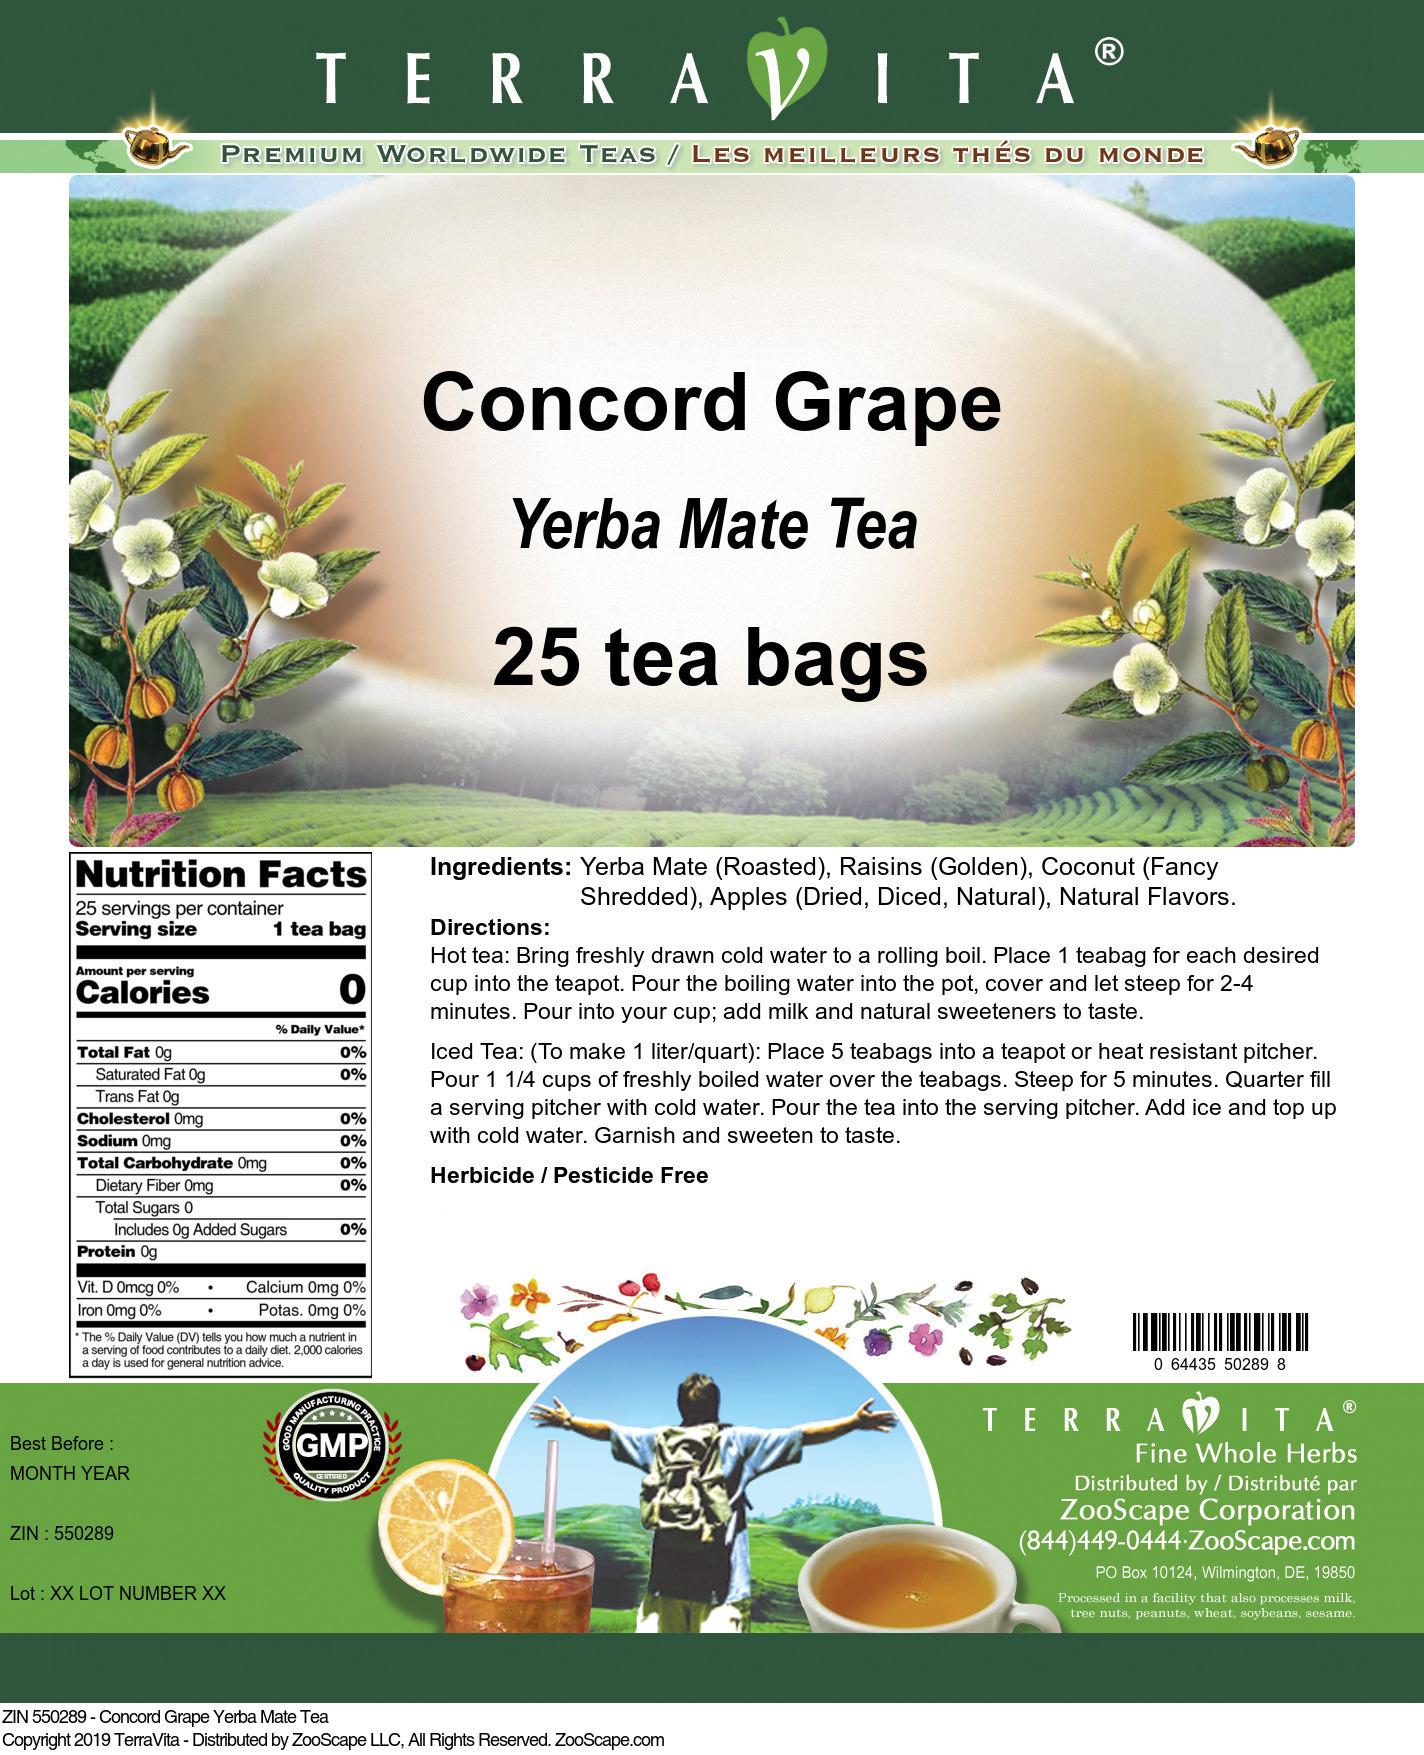 Concord Grape Yerba Mate Tea